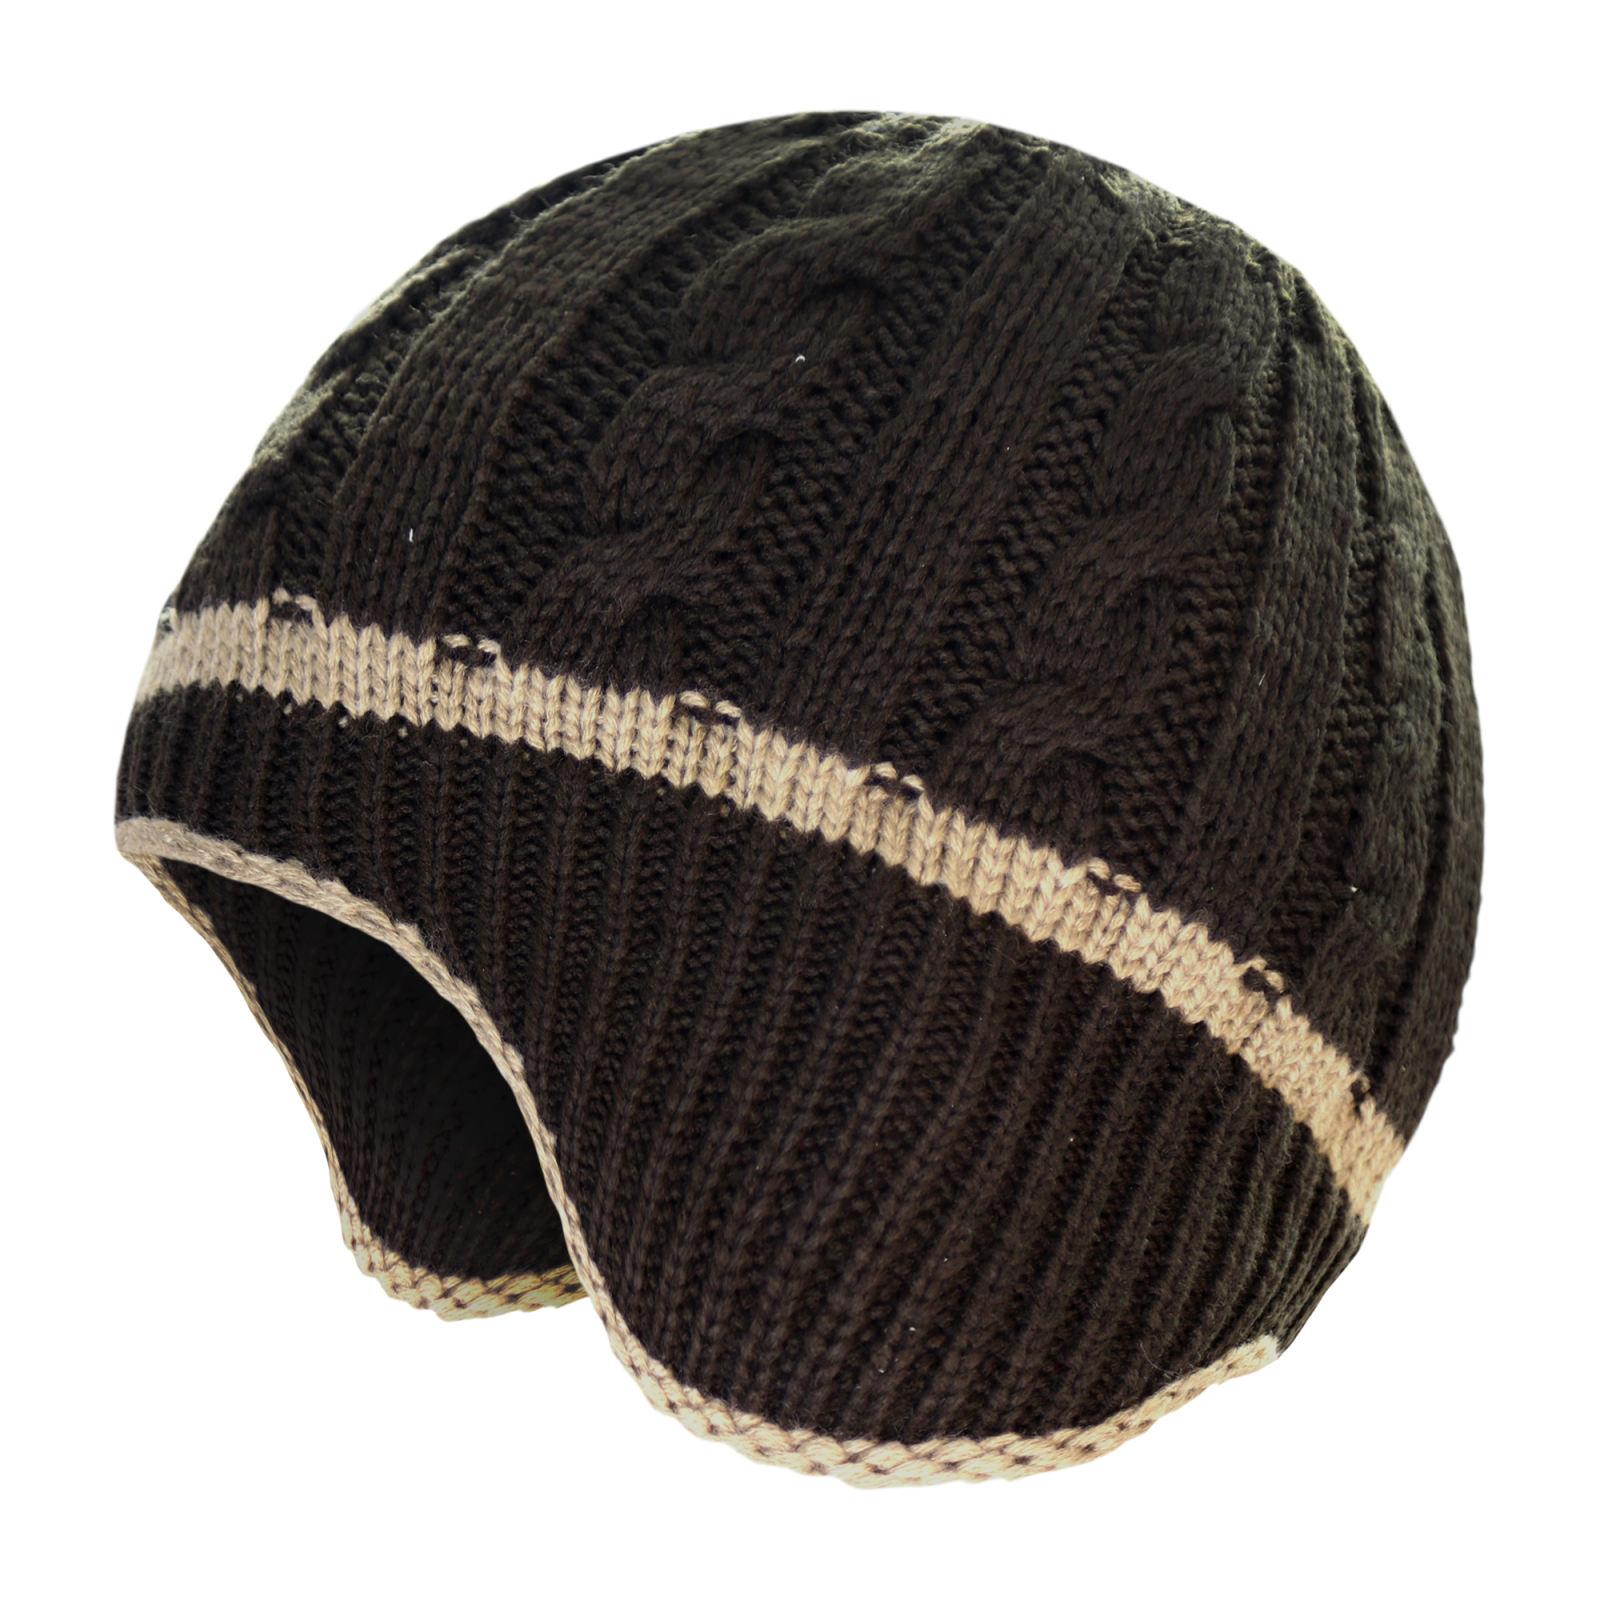 کلاه بافتنی بچگانه کد N02024 -  - 1